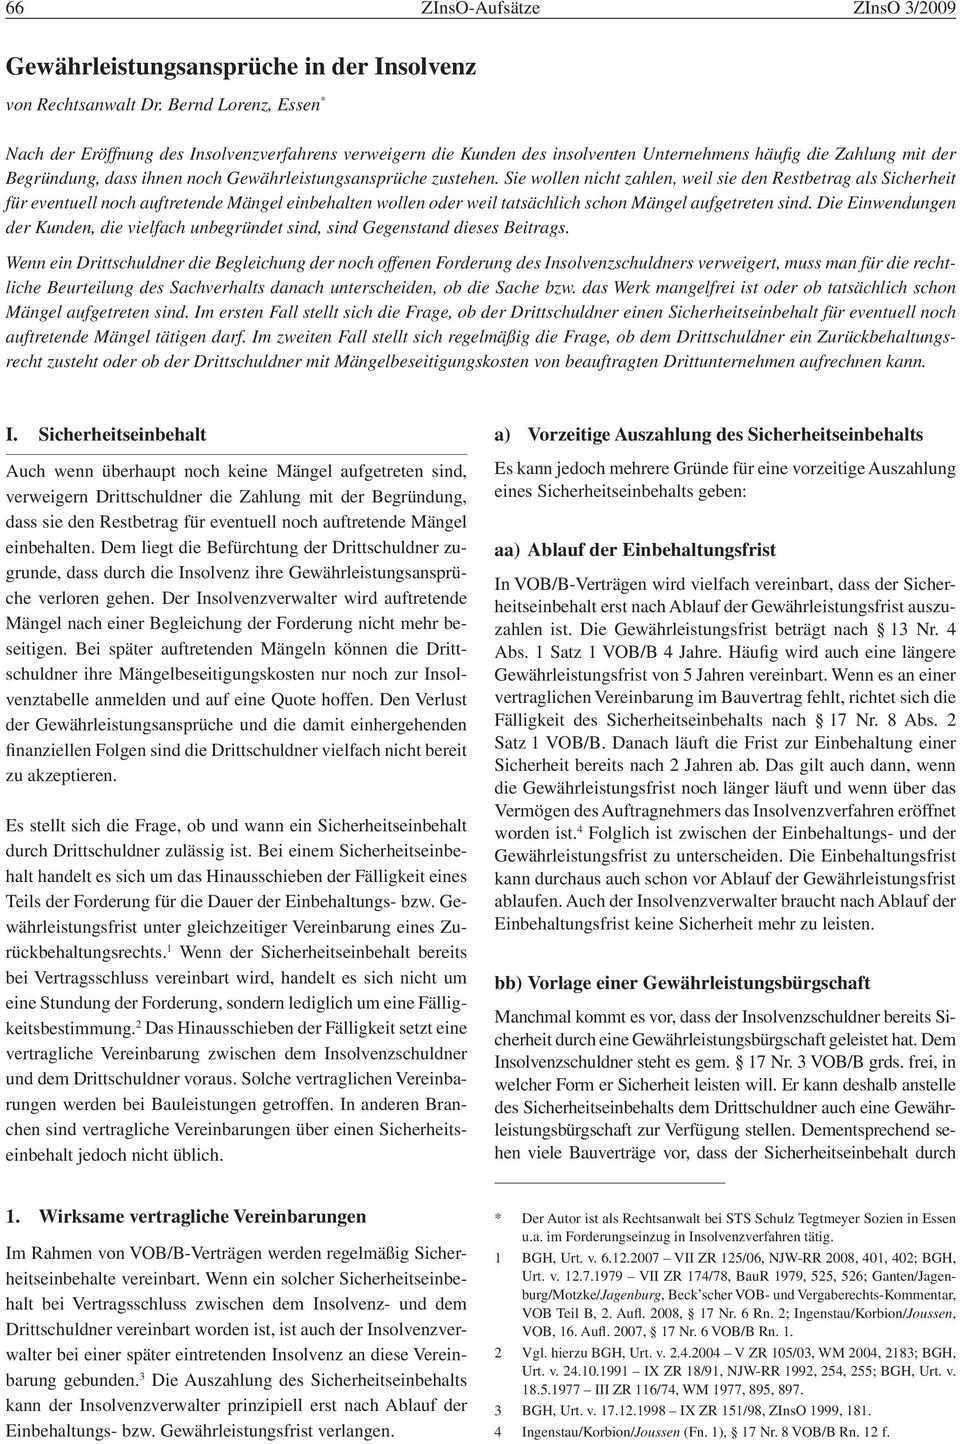 Gewahrleistungsanspruche In Der Insolvenz Pdf Kostenfreier Download